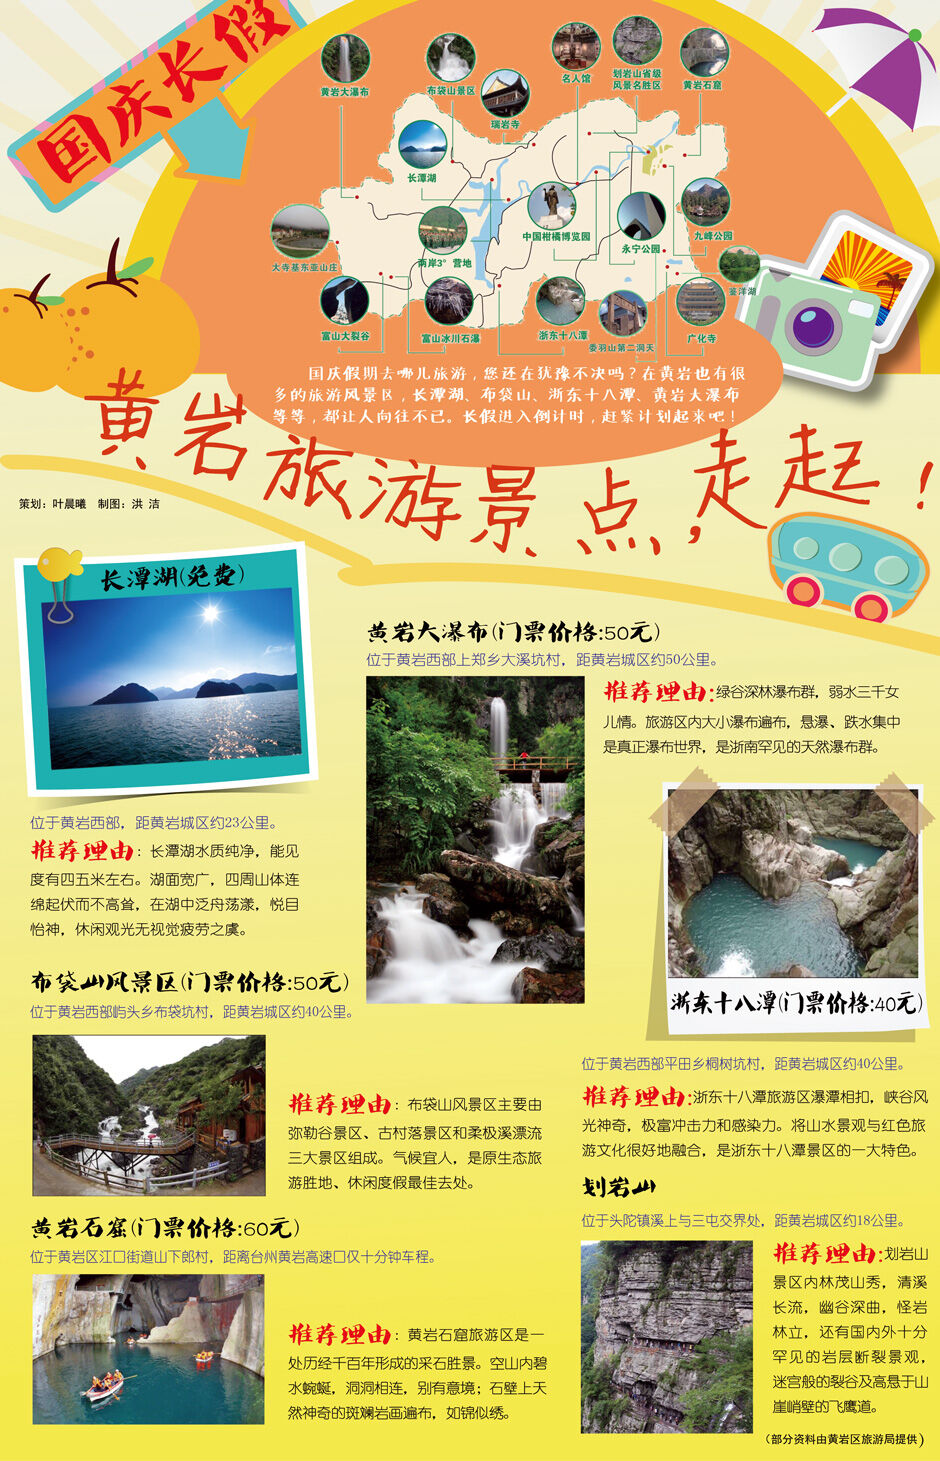 【第16期】国庆黄岩旅游